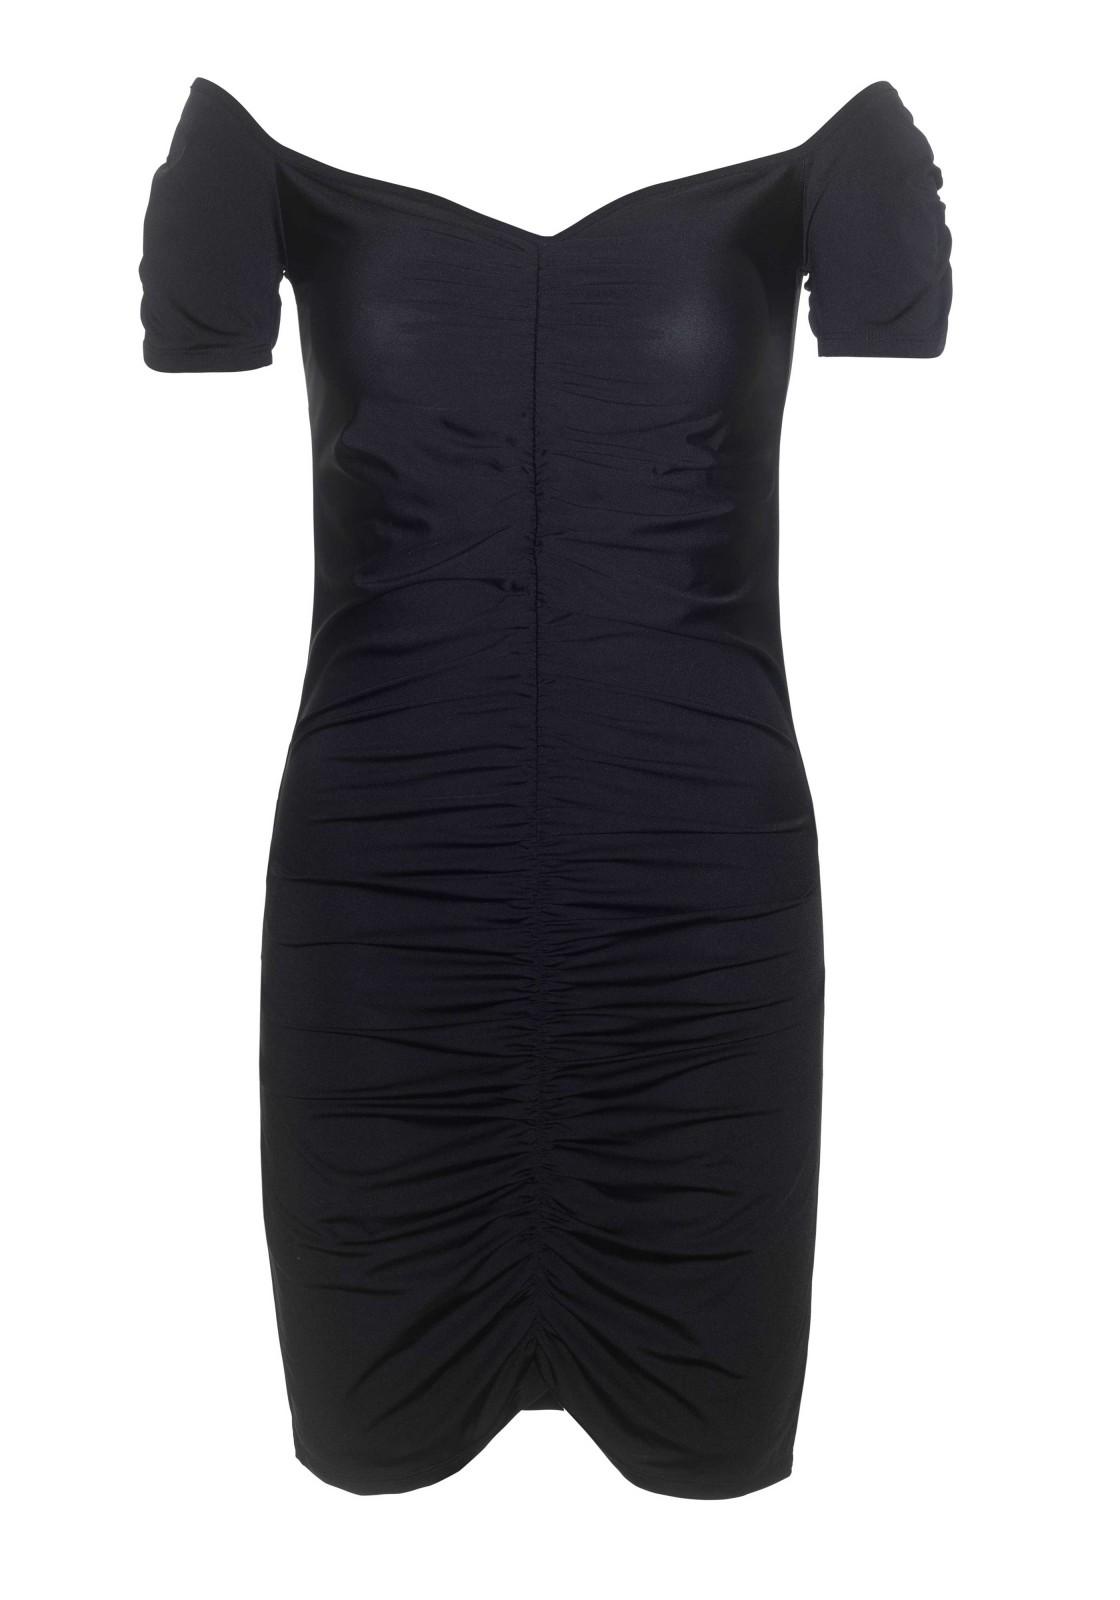 La robe Laverne est une robe moulante en élasthanne froncée dans la partie centrale avec épaules découvertes. La longueur de la robe depuis l'épaule est de 80 cm. Le modèle mesure 178 cm et porte une taille S.